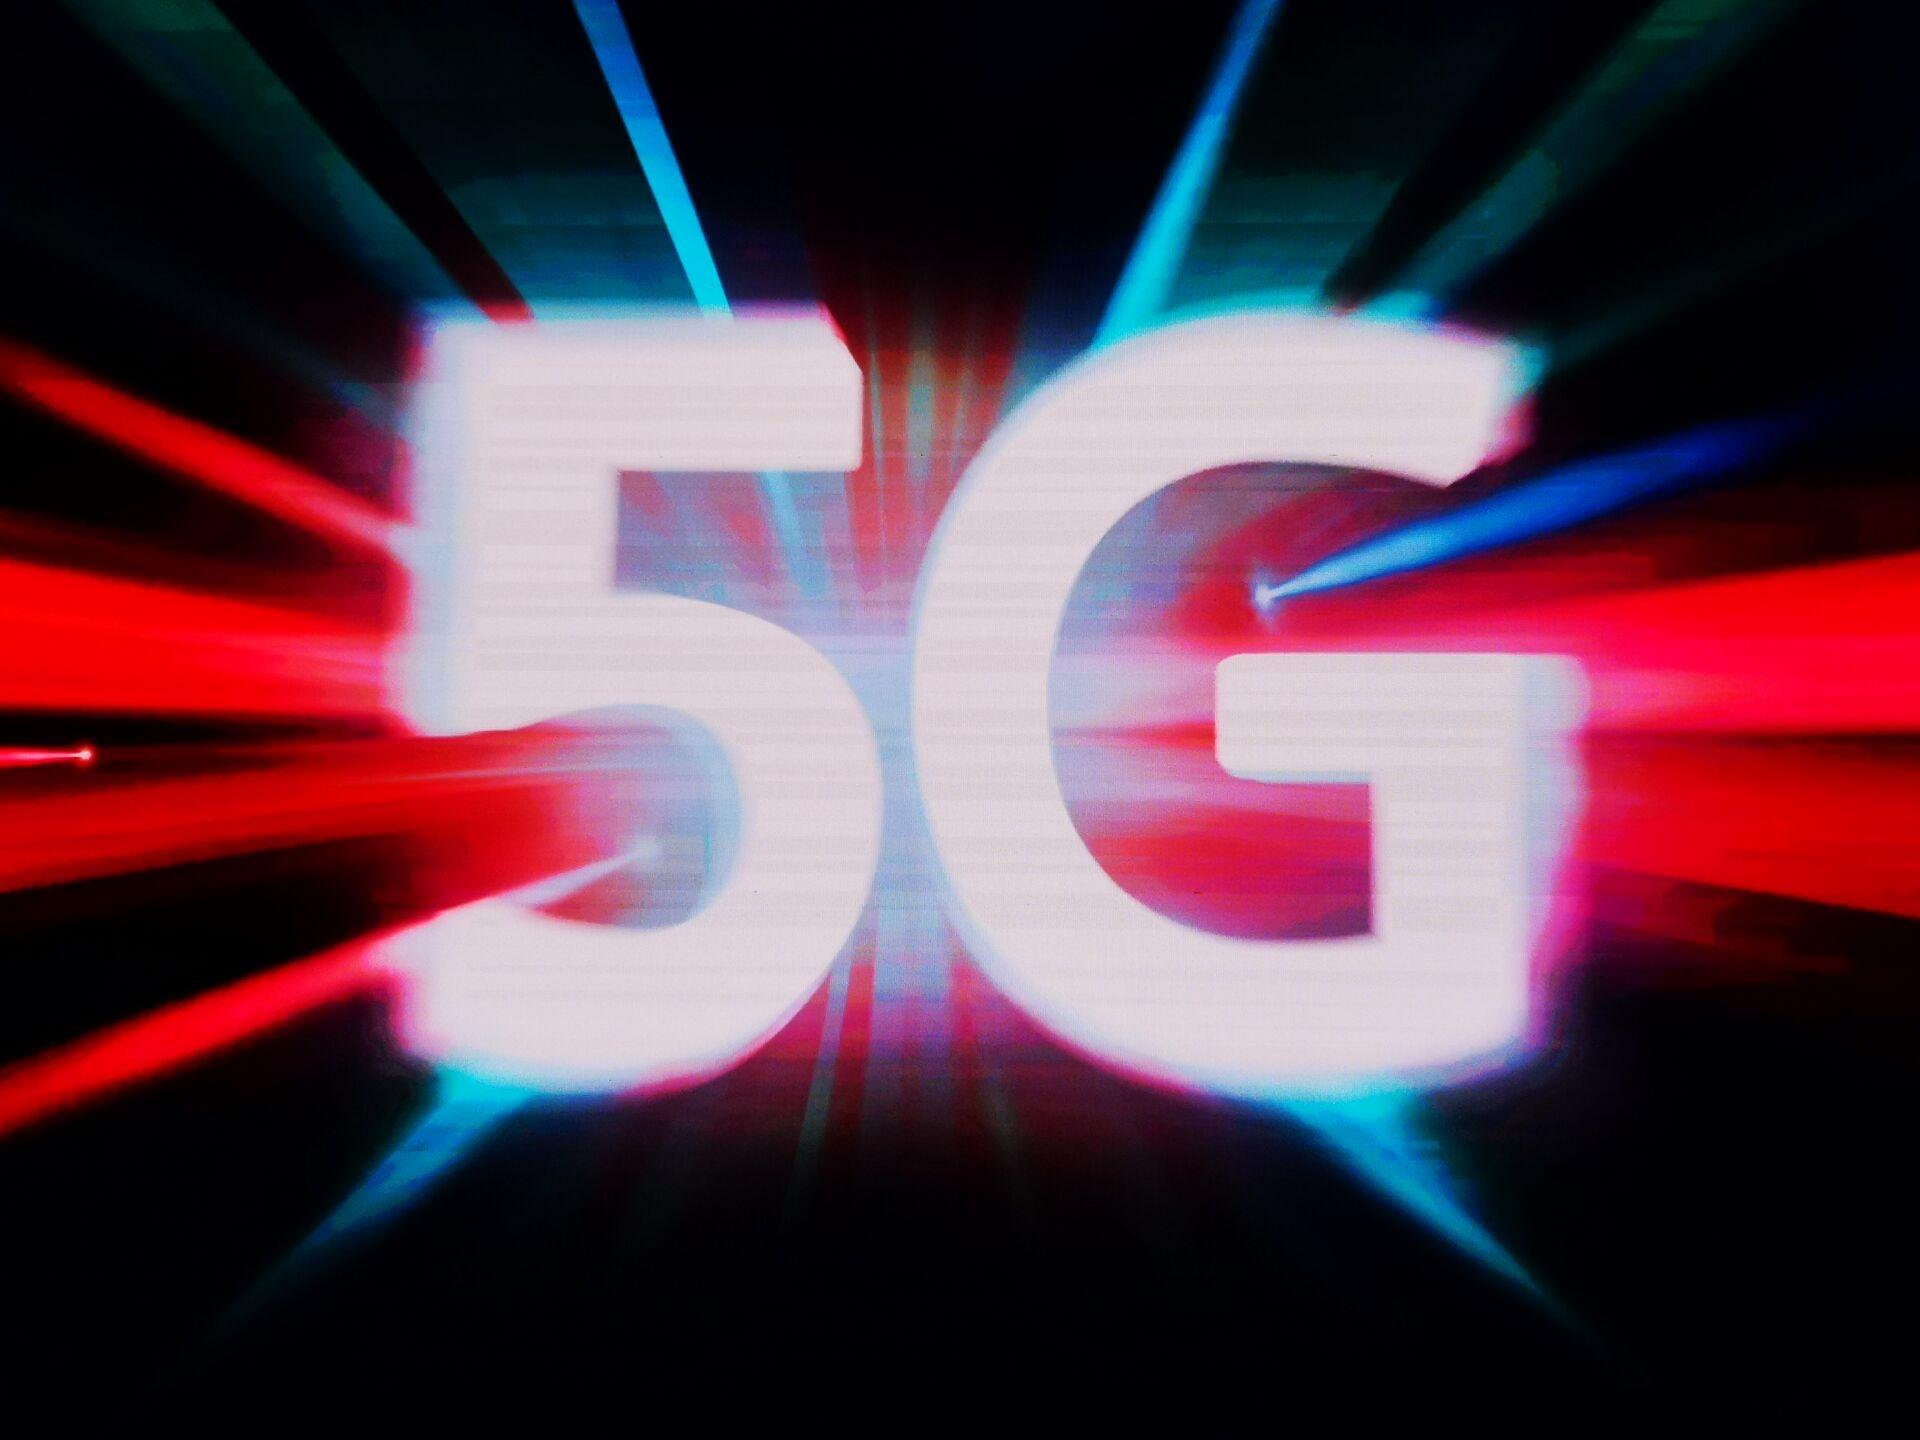 三大运营商5G预约人数超过千万 套餐最低或超100元